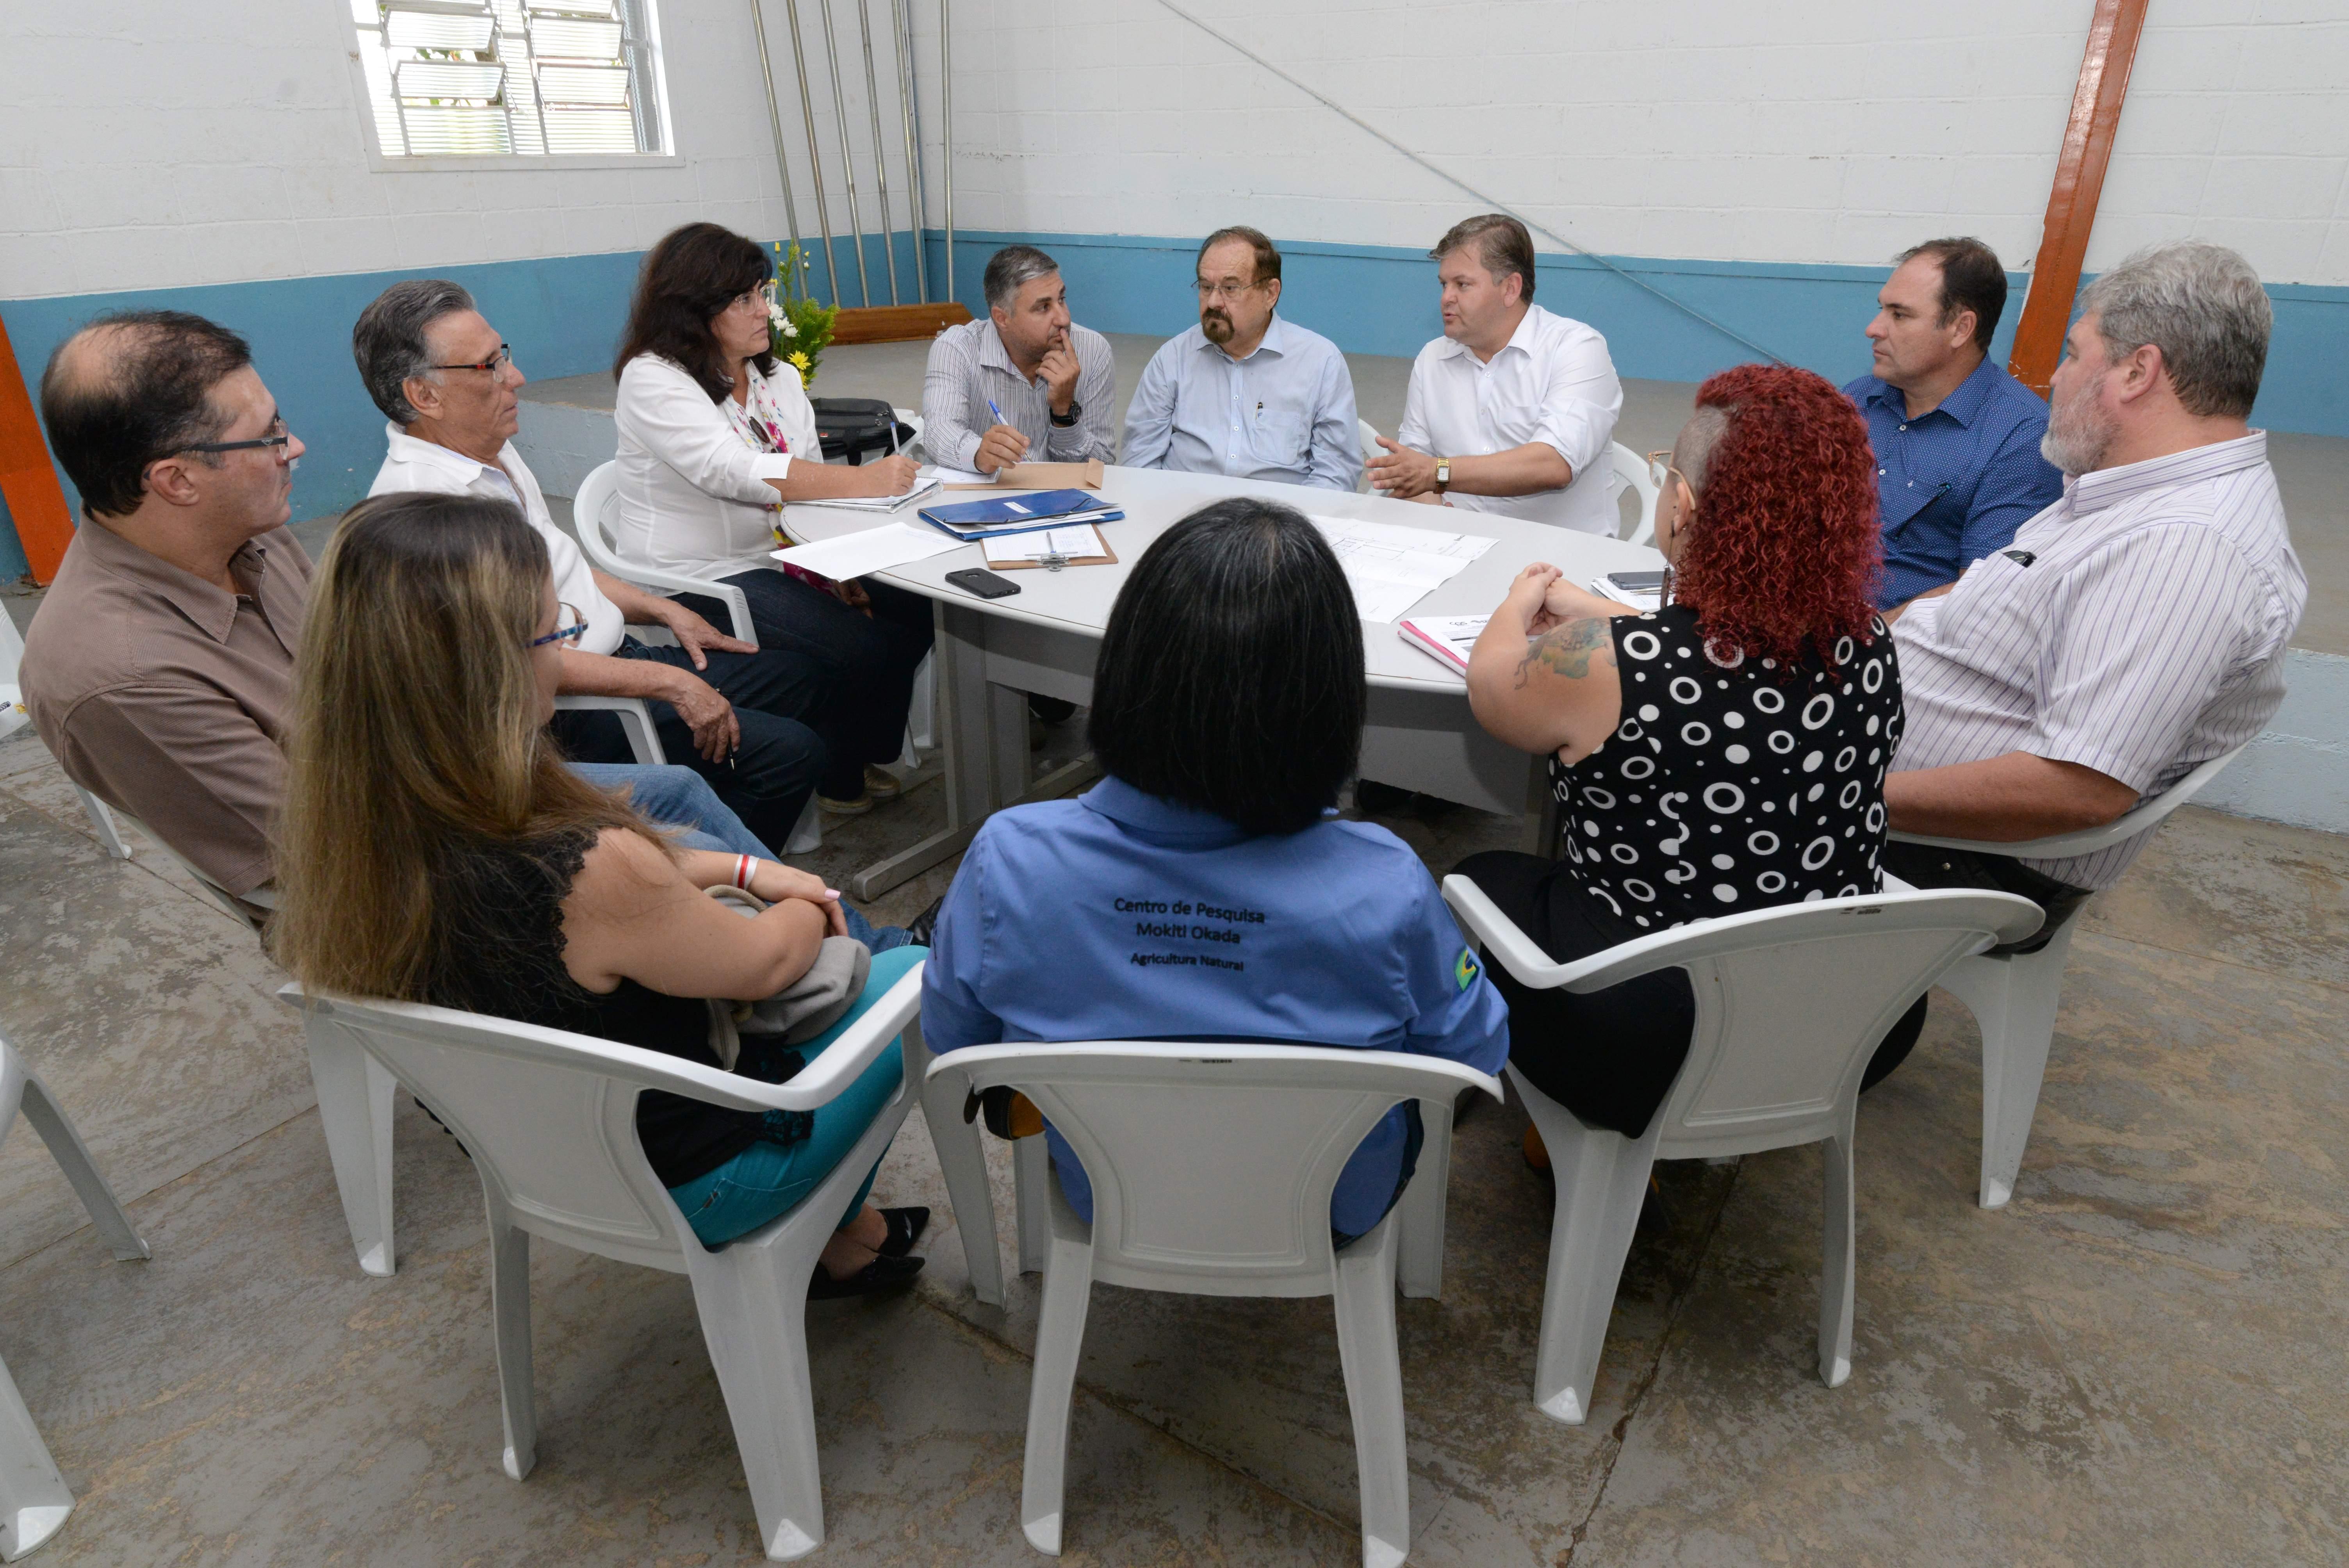 Implantação do curso de agroecologia  é tema de reunião em Rio Claro